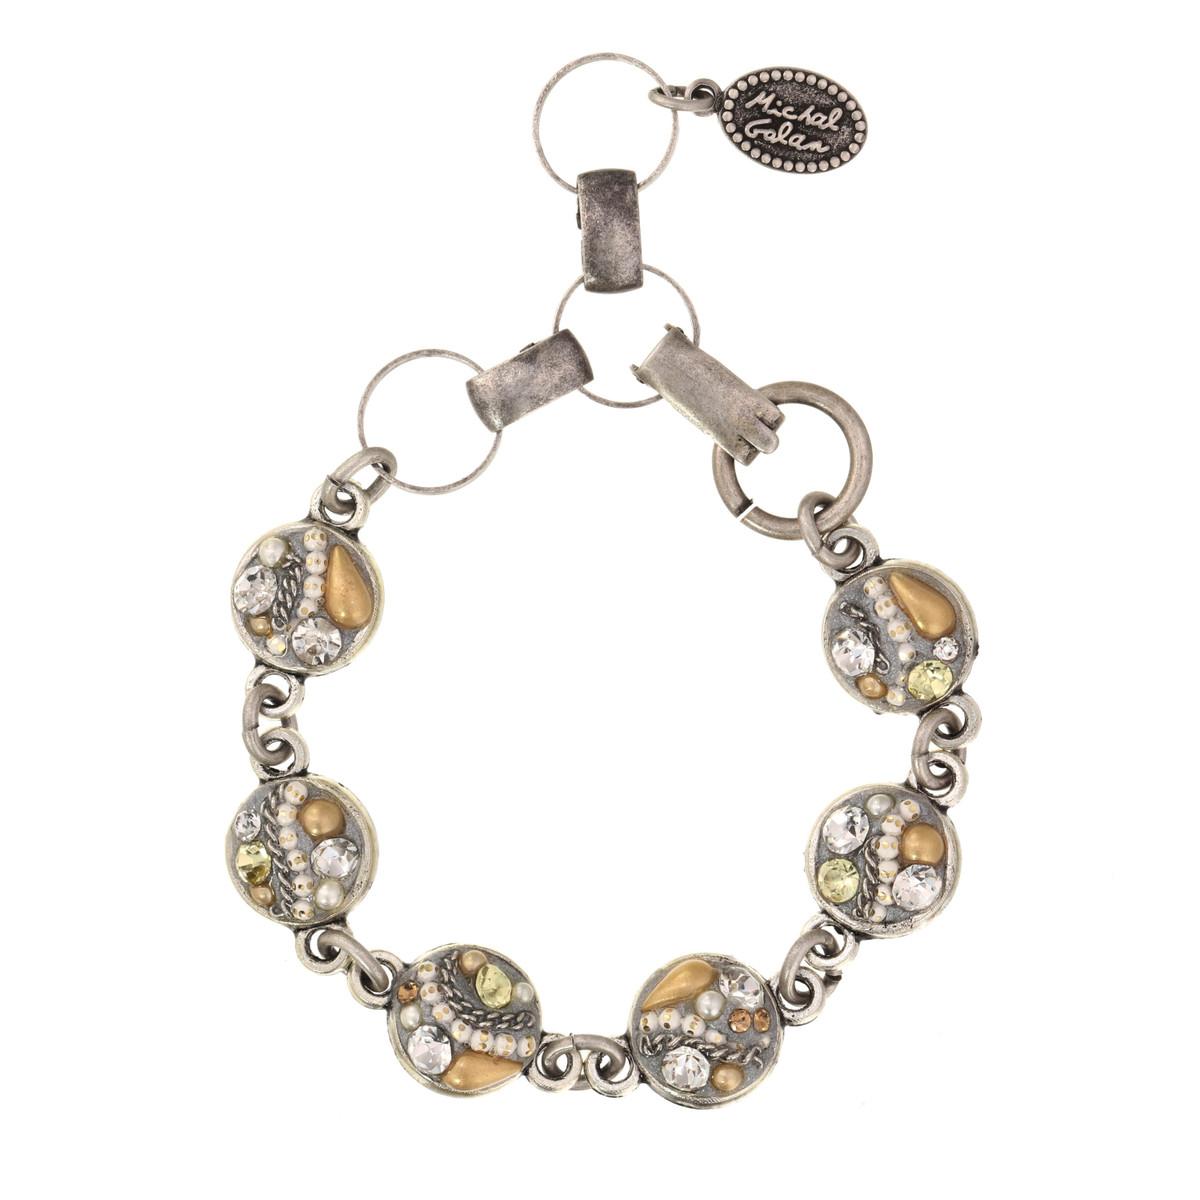 Michal Golan Moonlight Charm Bracelet